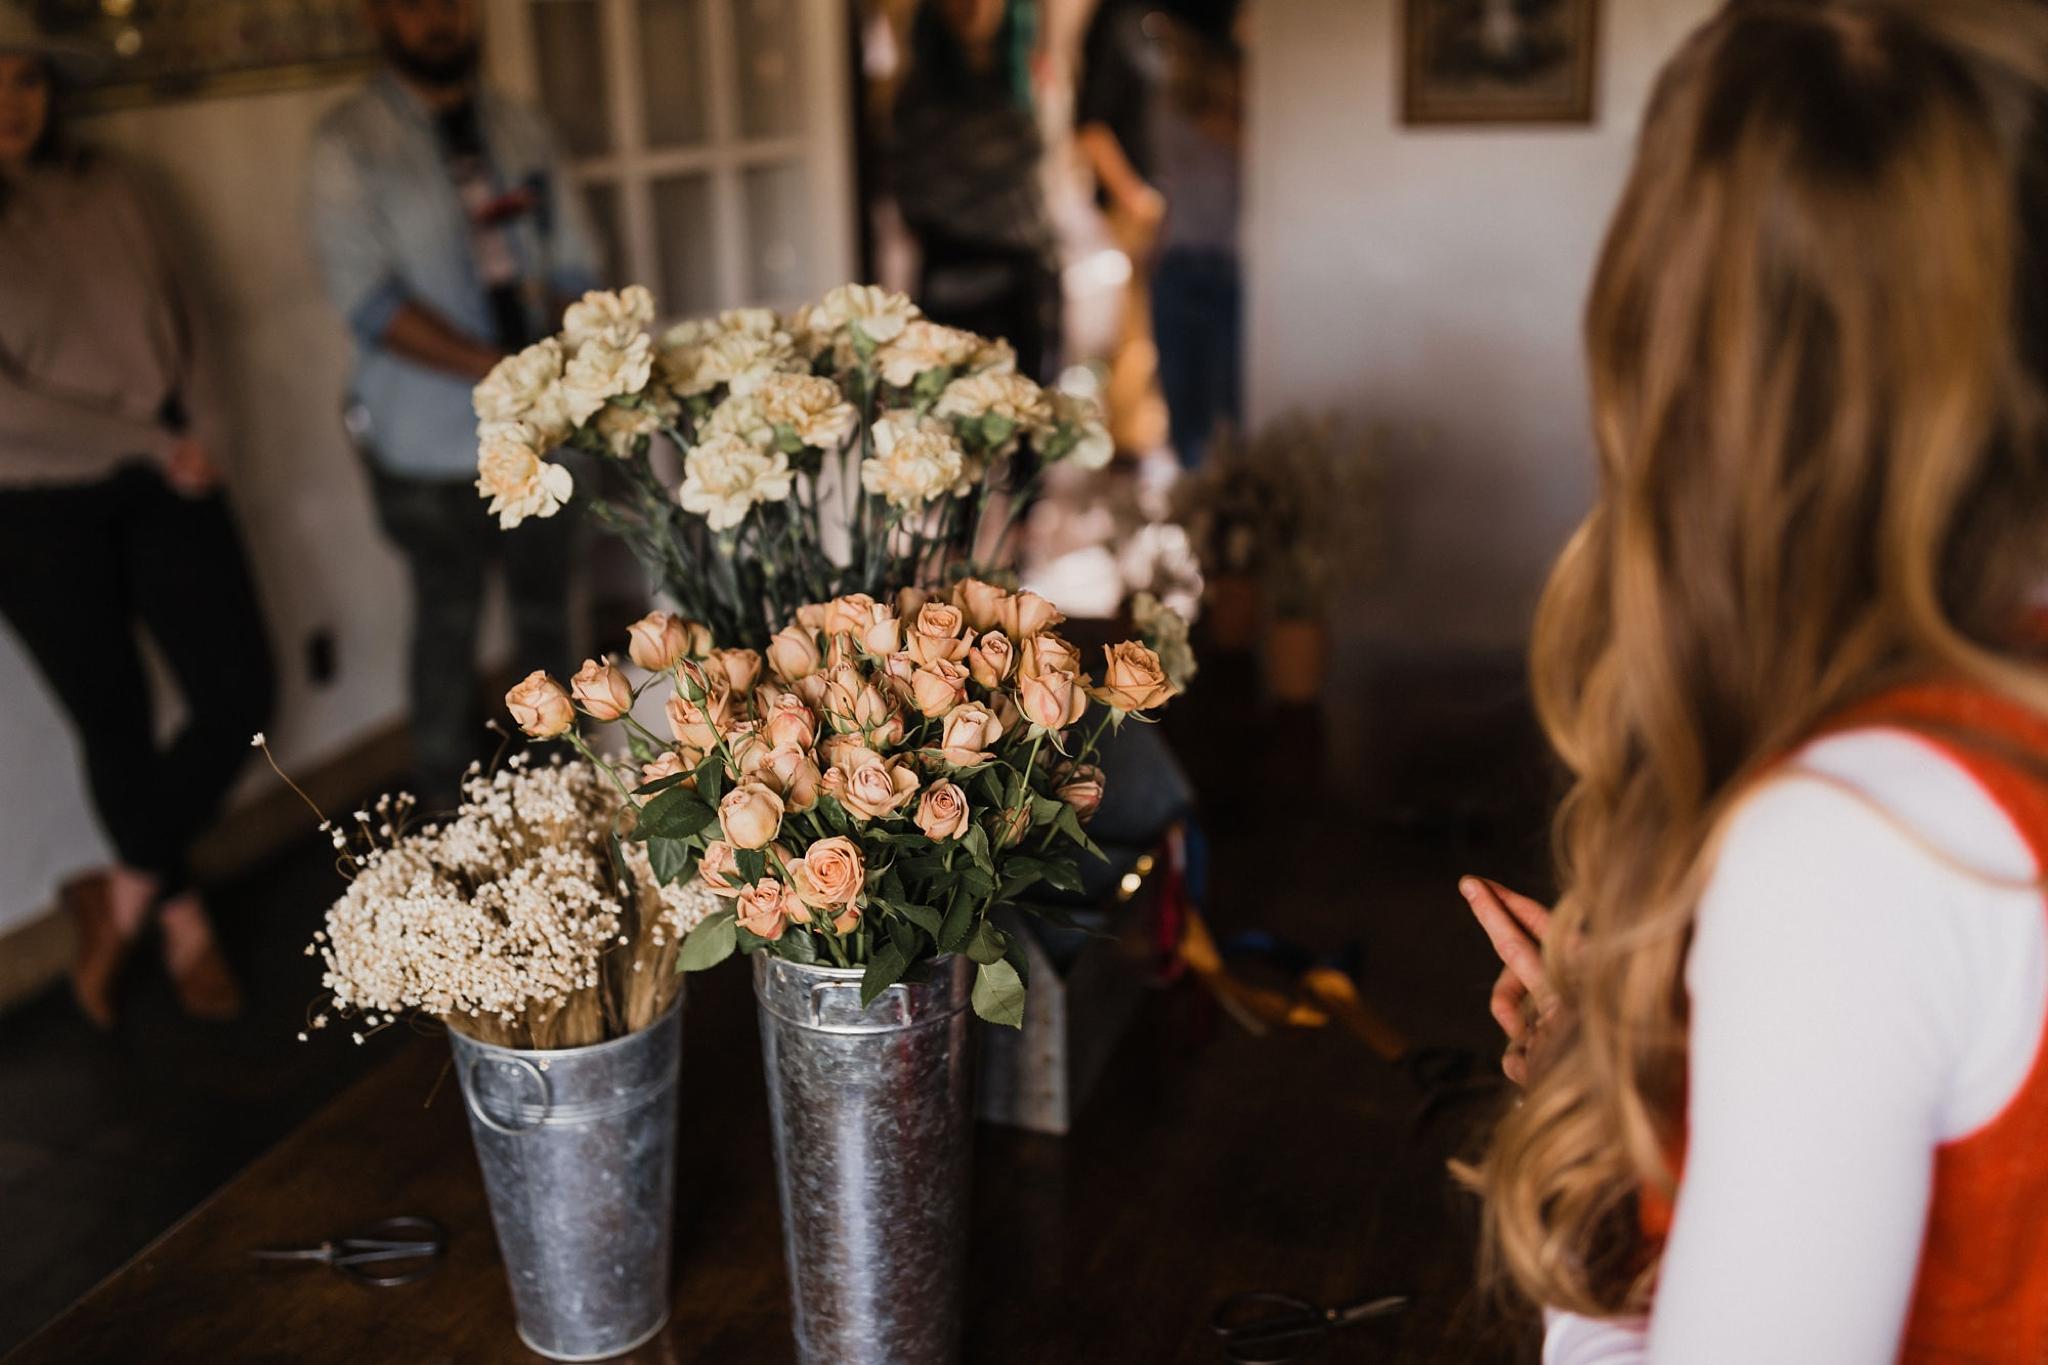 Alicia+lucia+photography+-+albuquerque+wedding+photographer+-+santa+fe+wedding+photography+-+new+mexico+wedding+photographer+-+new+mexico+wedding+-+new+mexico+florist+-+floriography+flowers+-+floriography+flowers+new+mexico+-+wedding+florist_0018.jpg